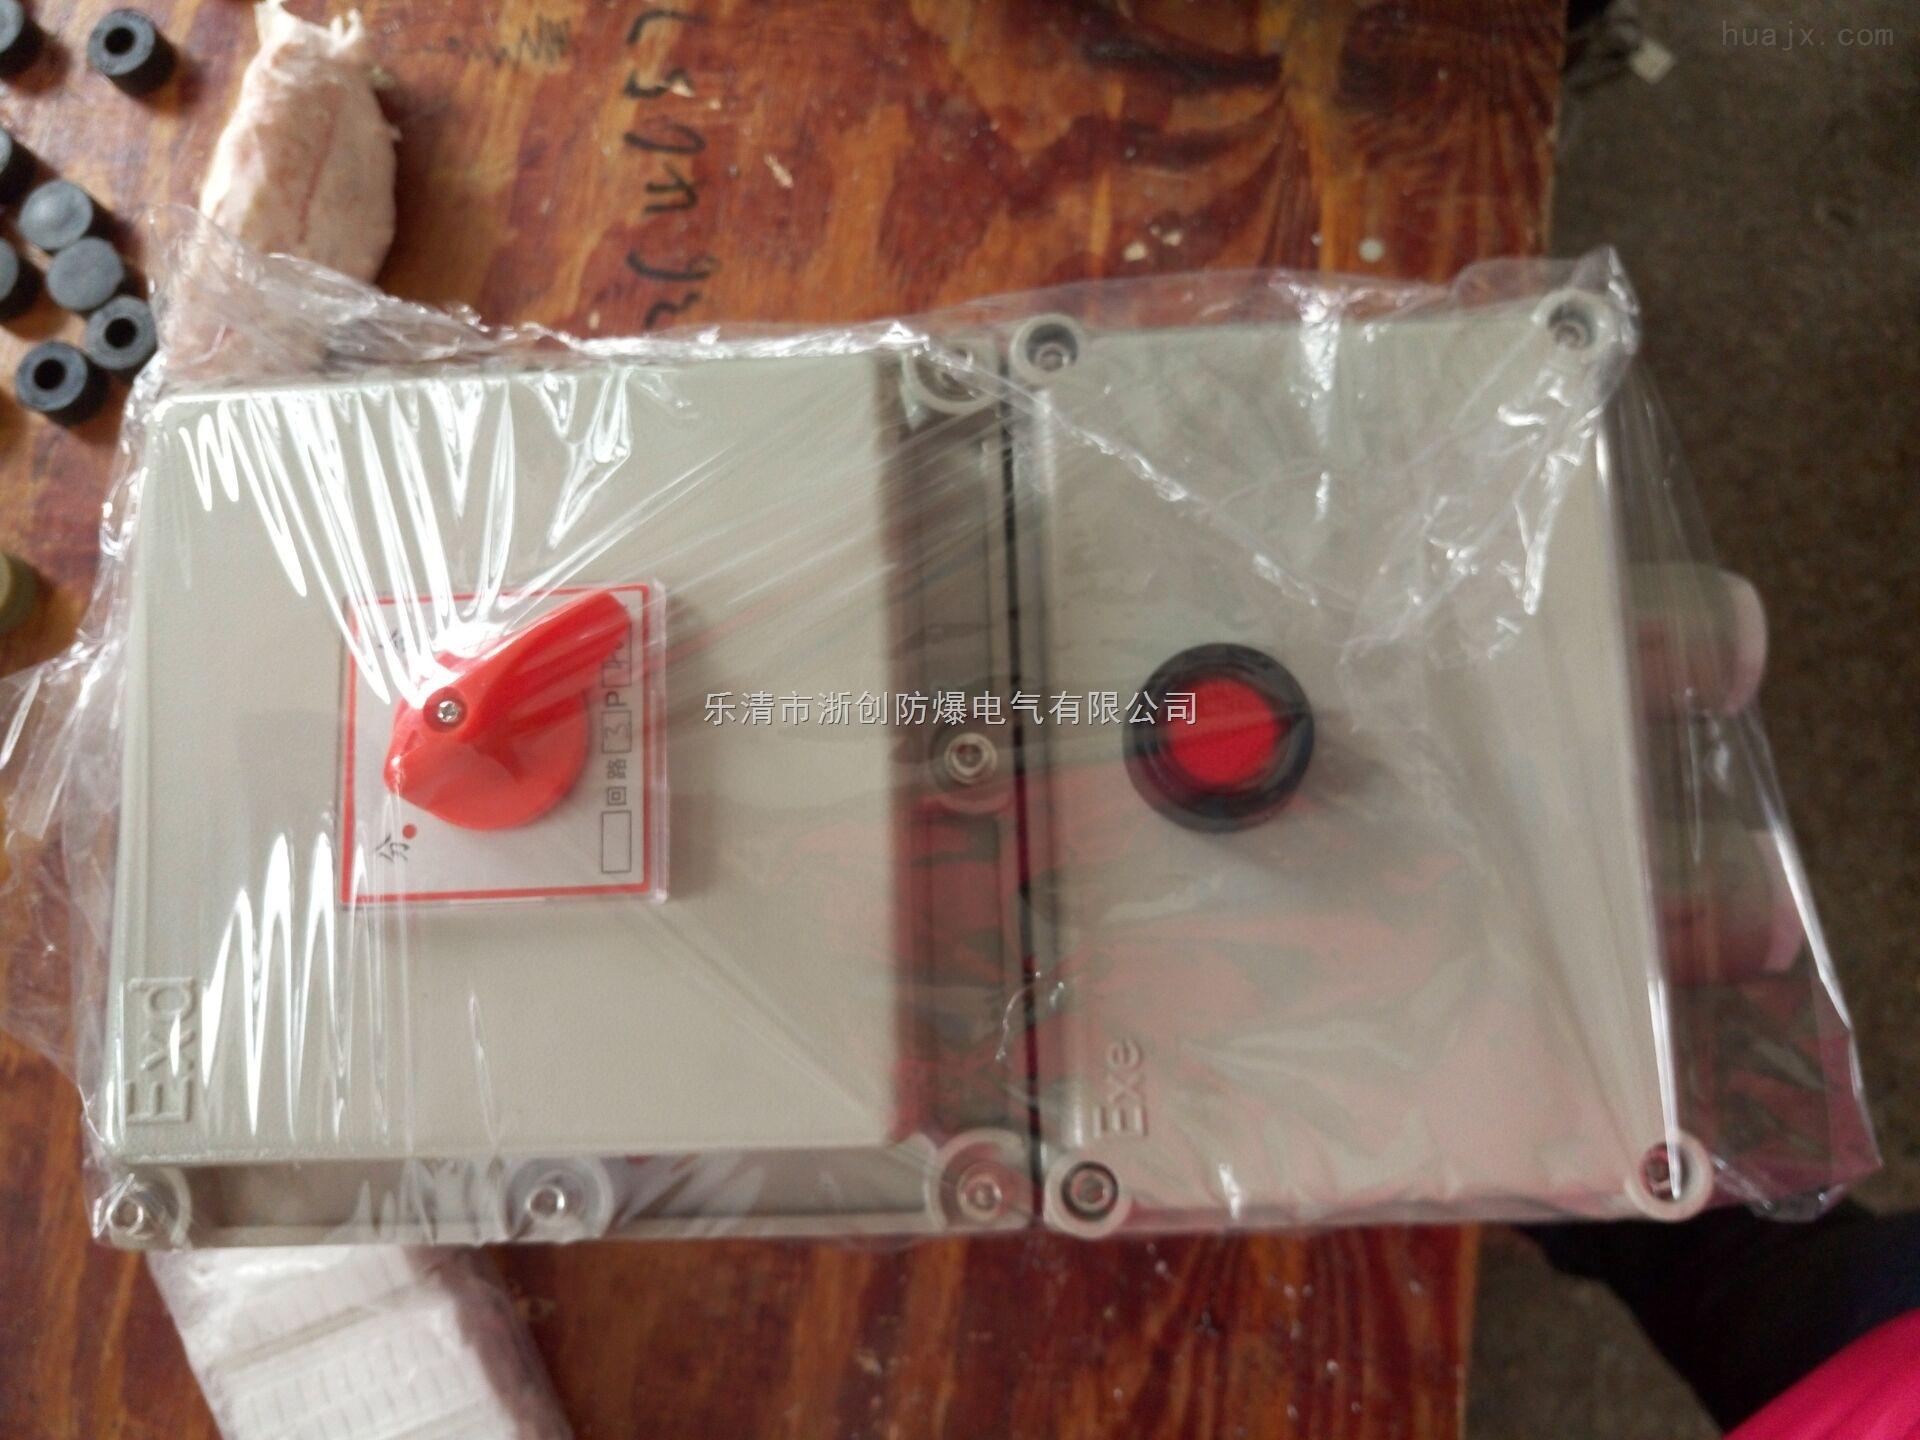 小骚妇3p下体被干发红_blk52-3p防爆断路器